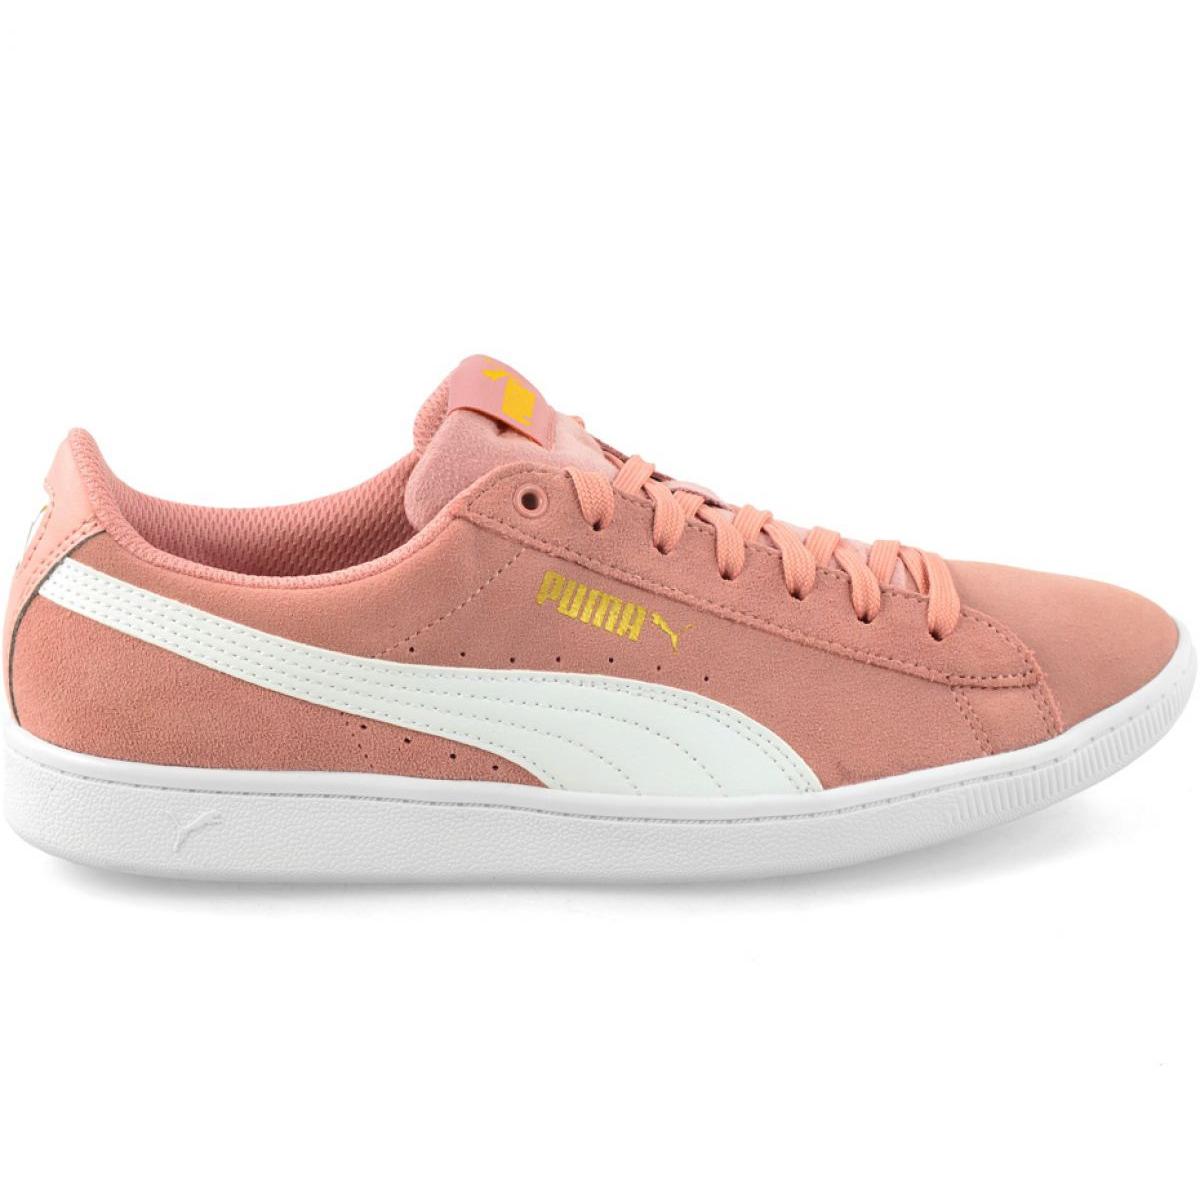 Pink Schuhe Puma Vikky Peach Beige Puma Weiß W 362624 25